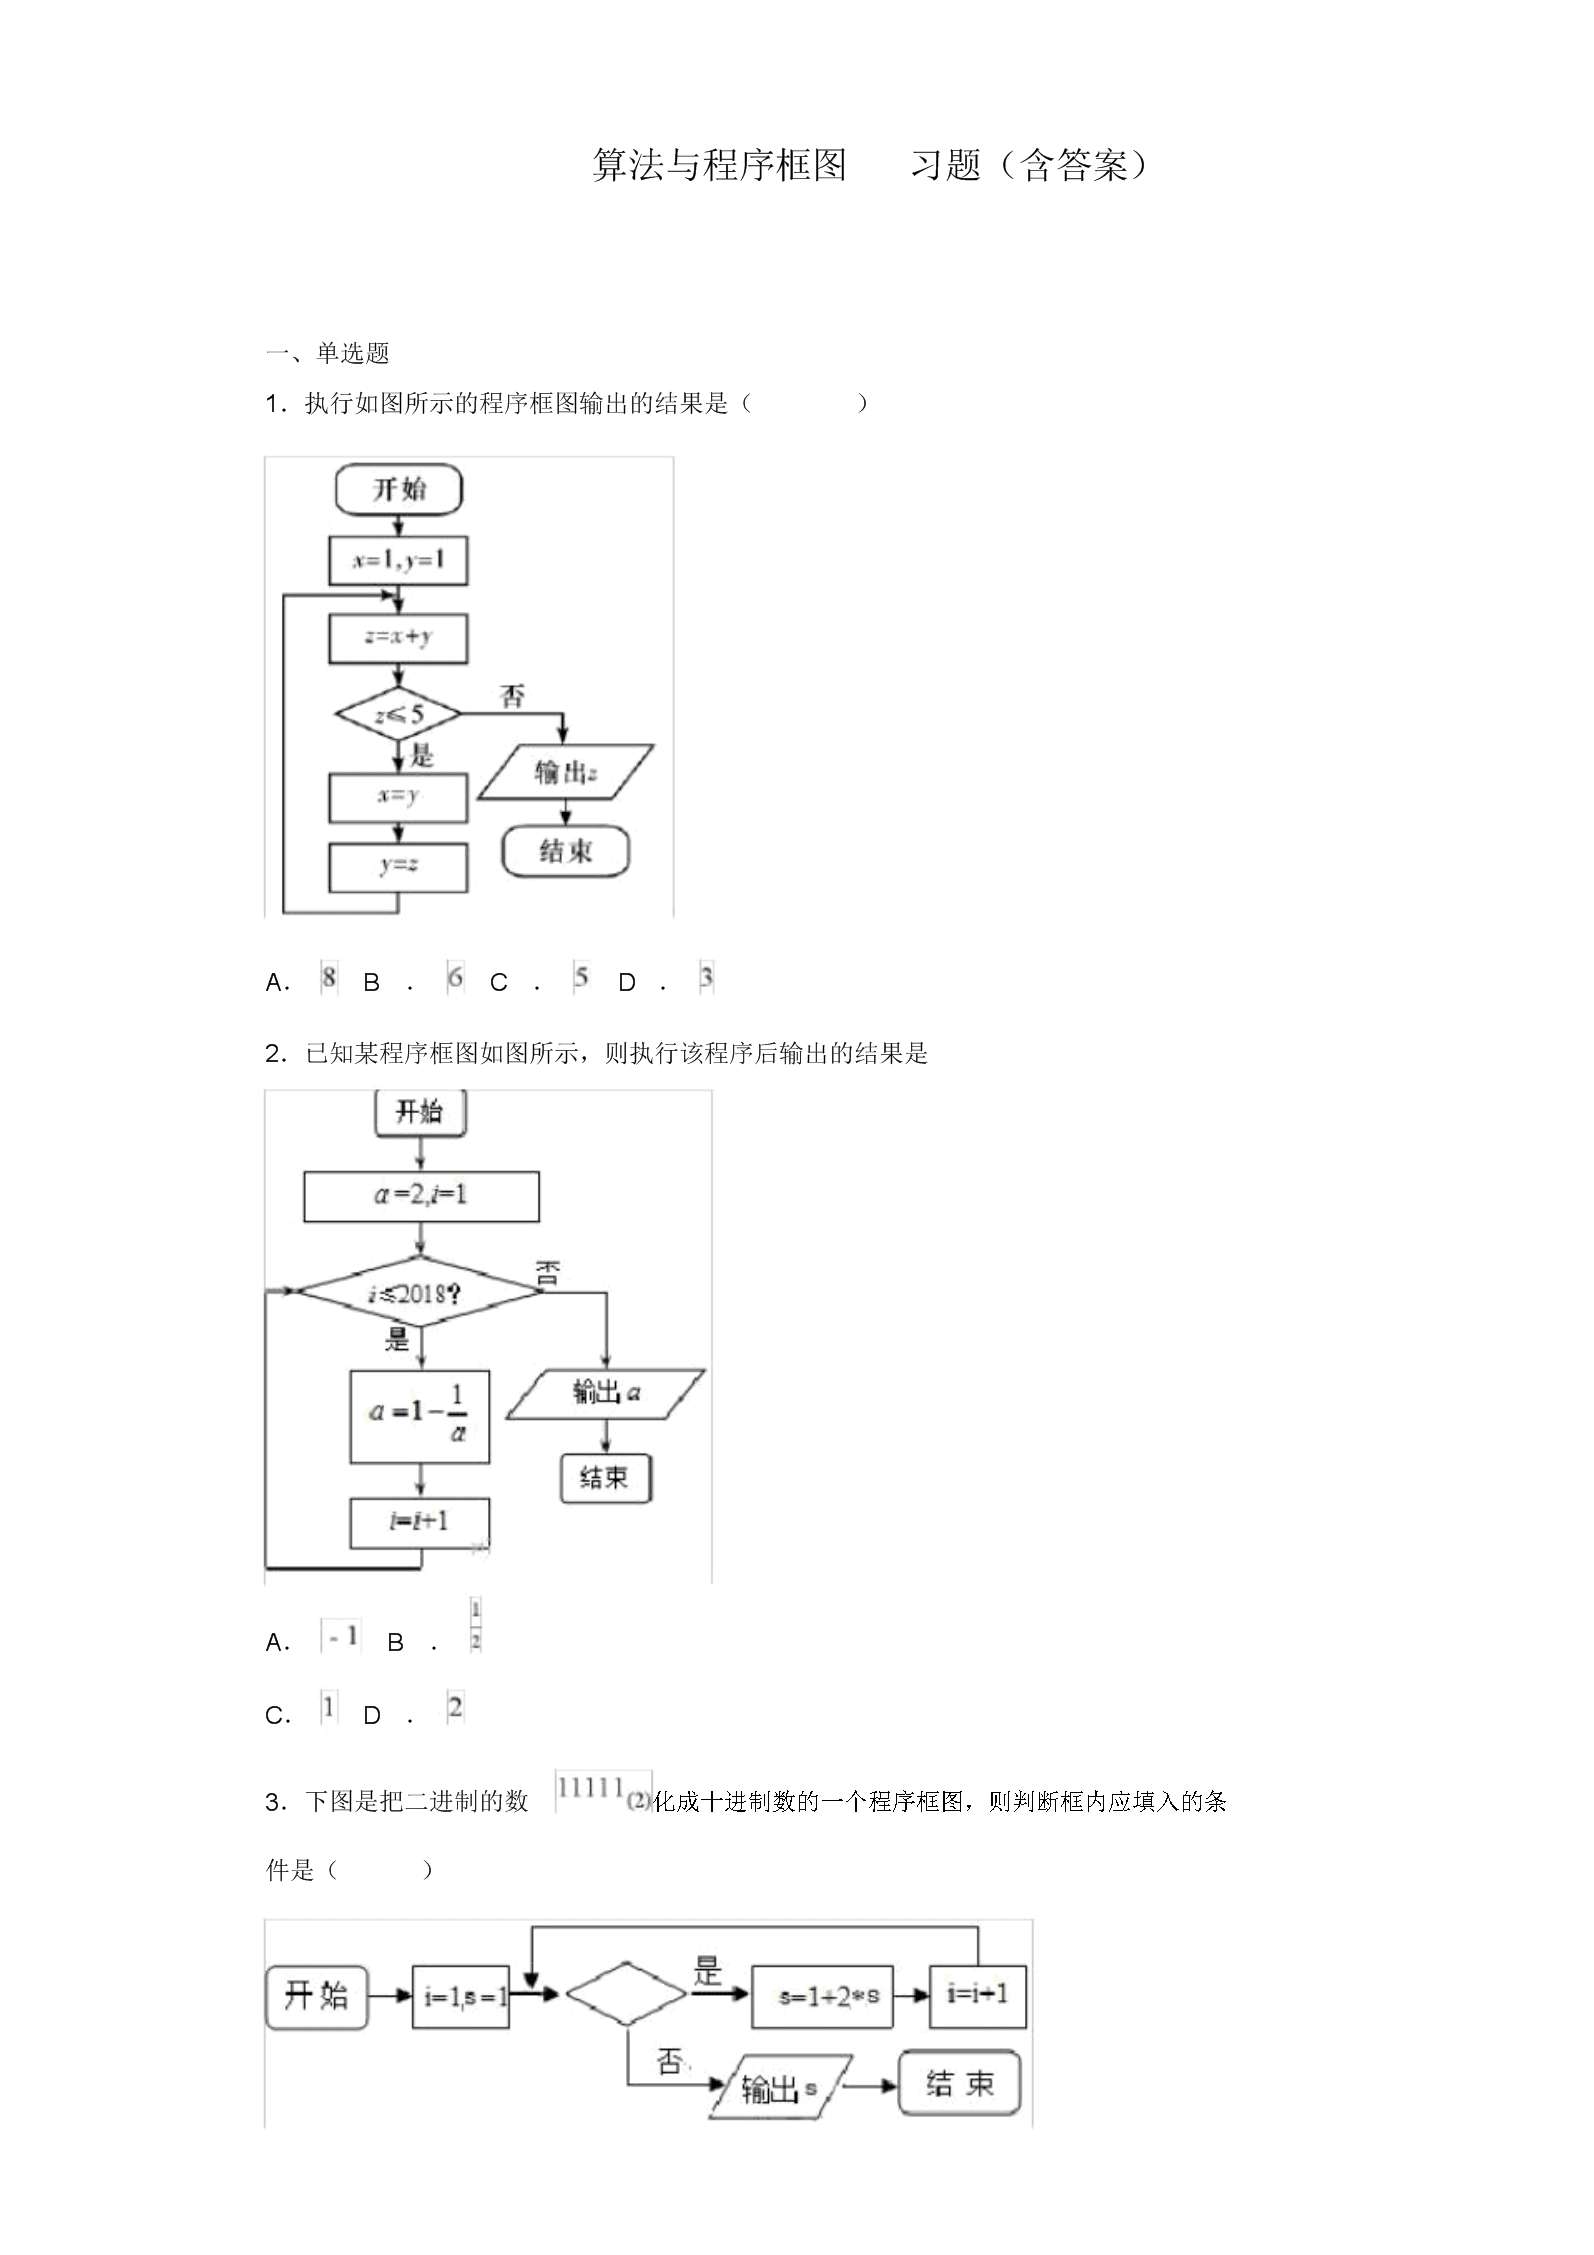 算法与程序框图复习题(含答案).docx